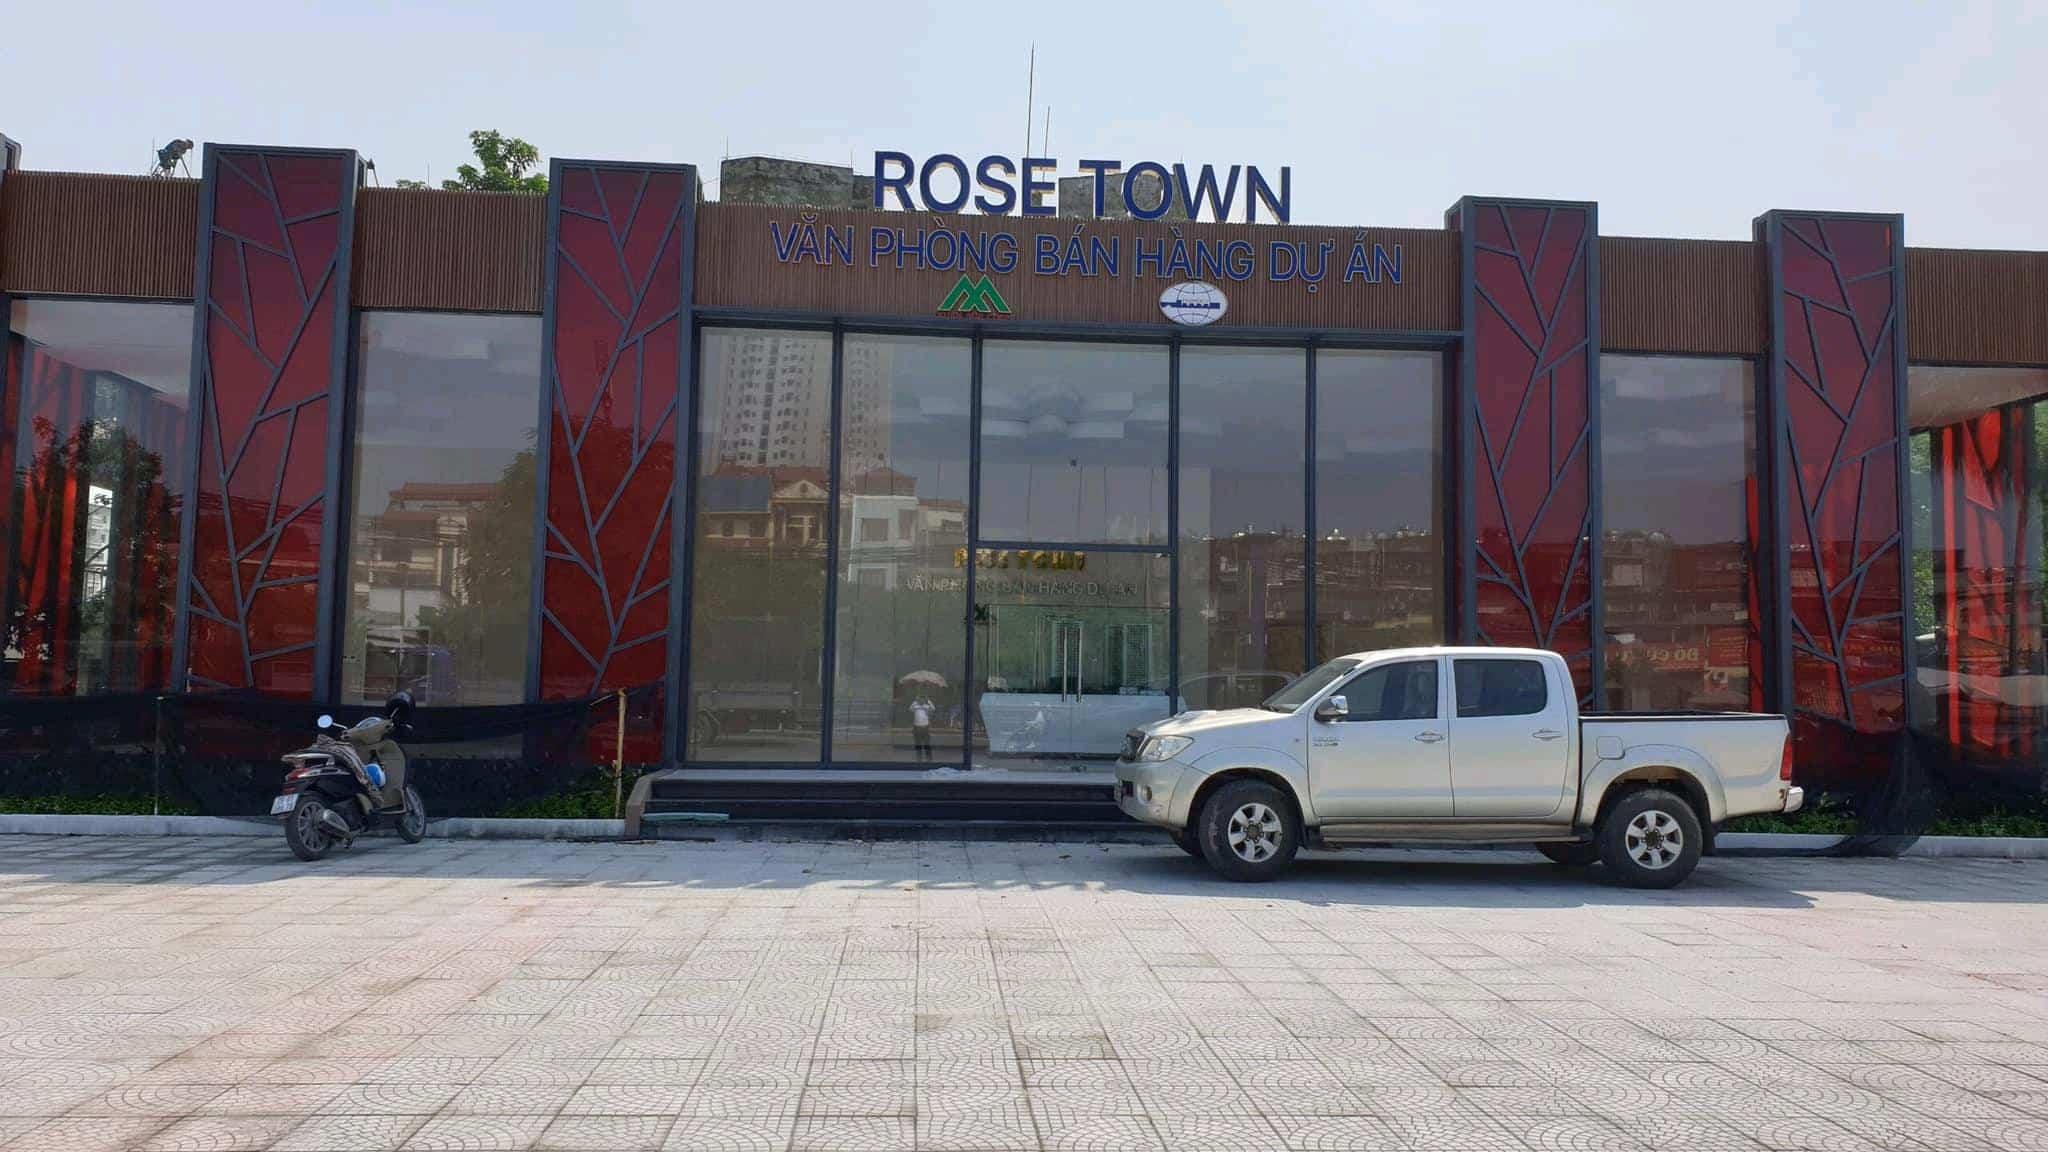 Phòng bán hàng + nhà mẫu Dự án Rose Town kính chào Quý khách